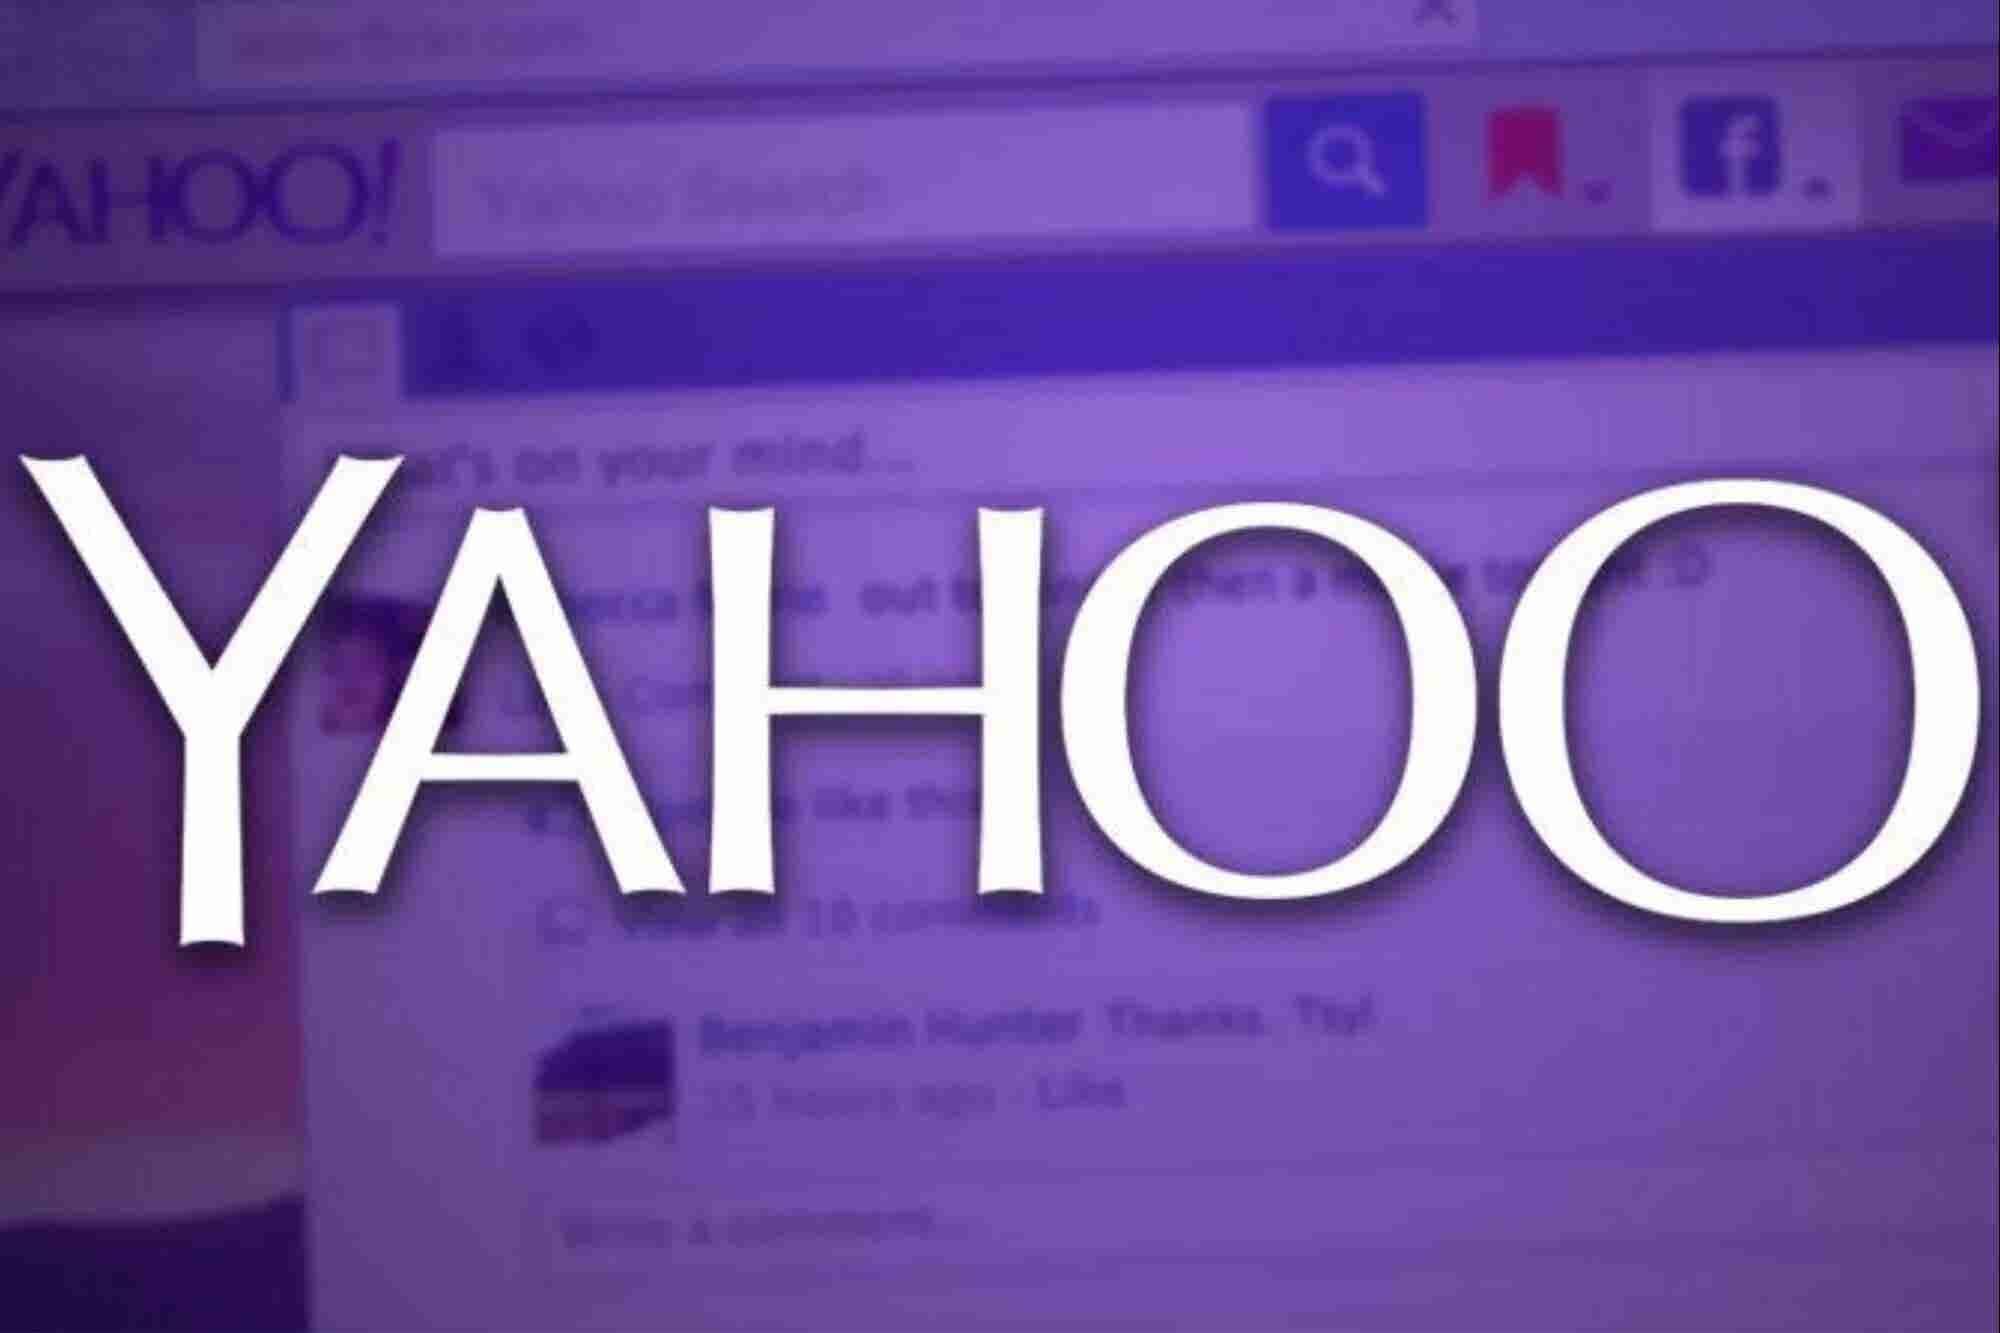 AOL y Yahoo escanean los correos electrónicos de sus usuarios y luego venden datos a los anunciantes: reporte